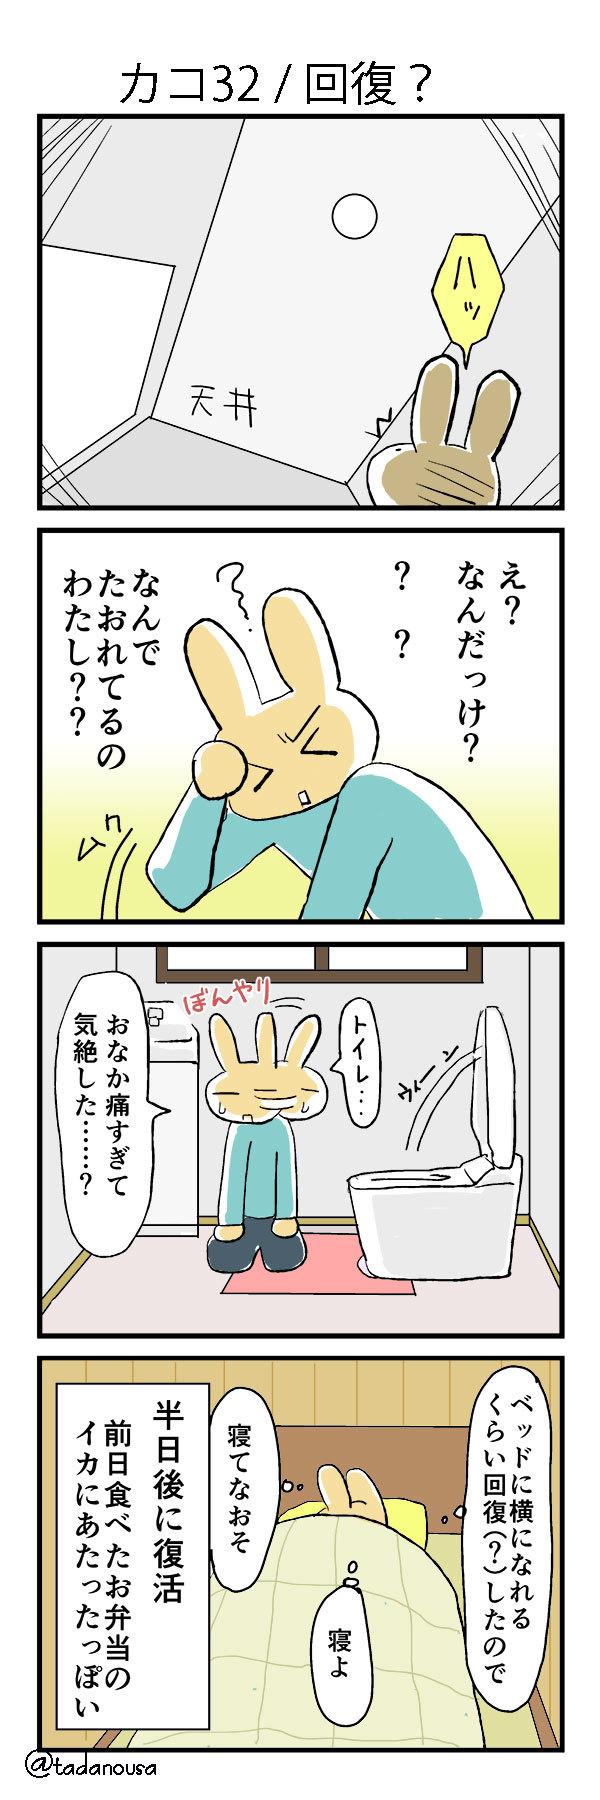 カコ032